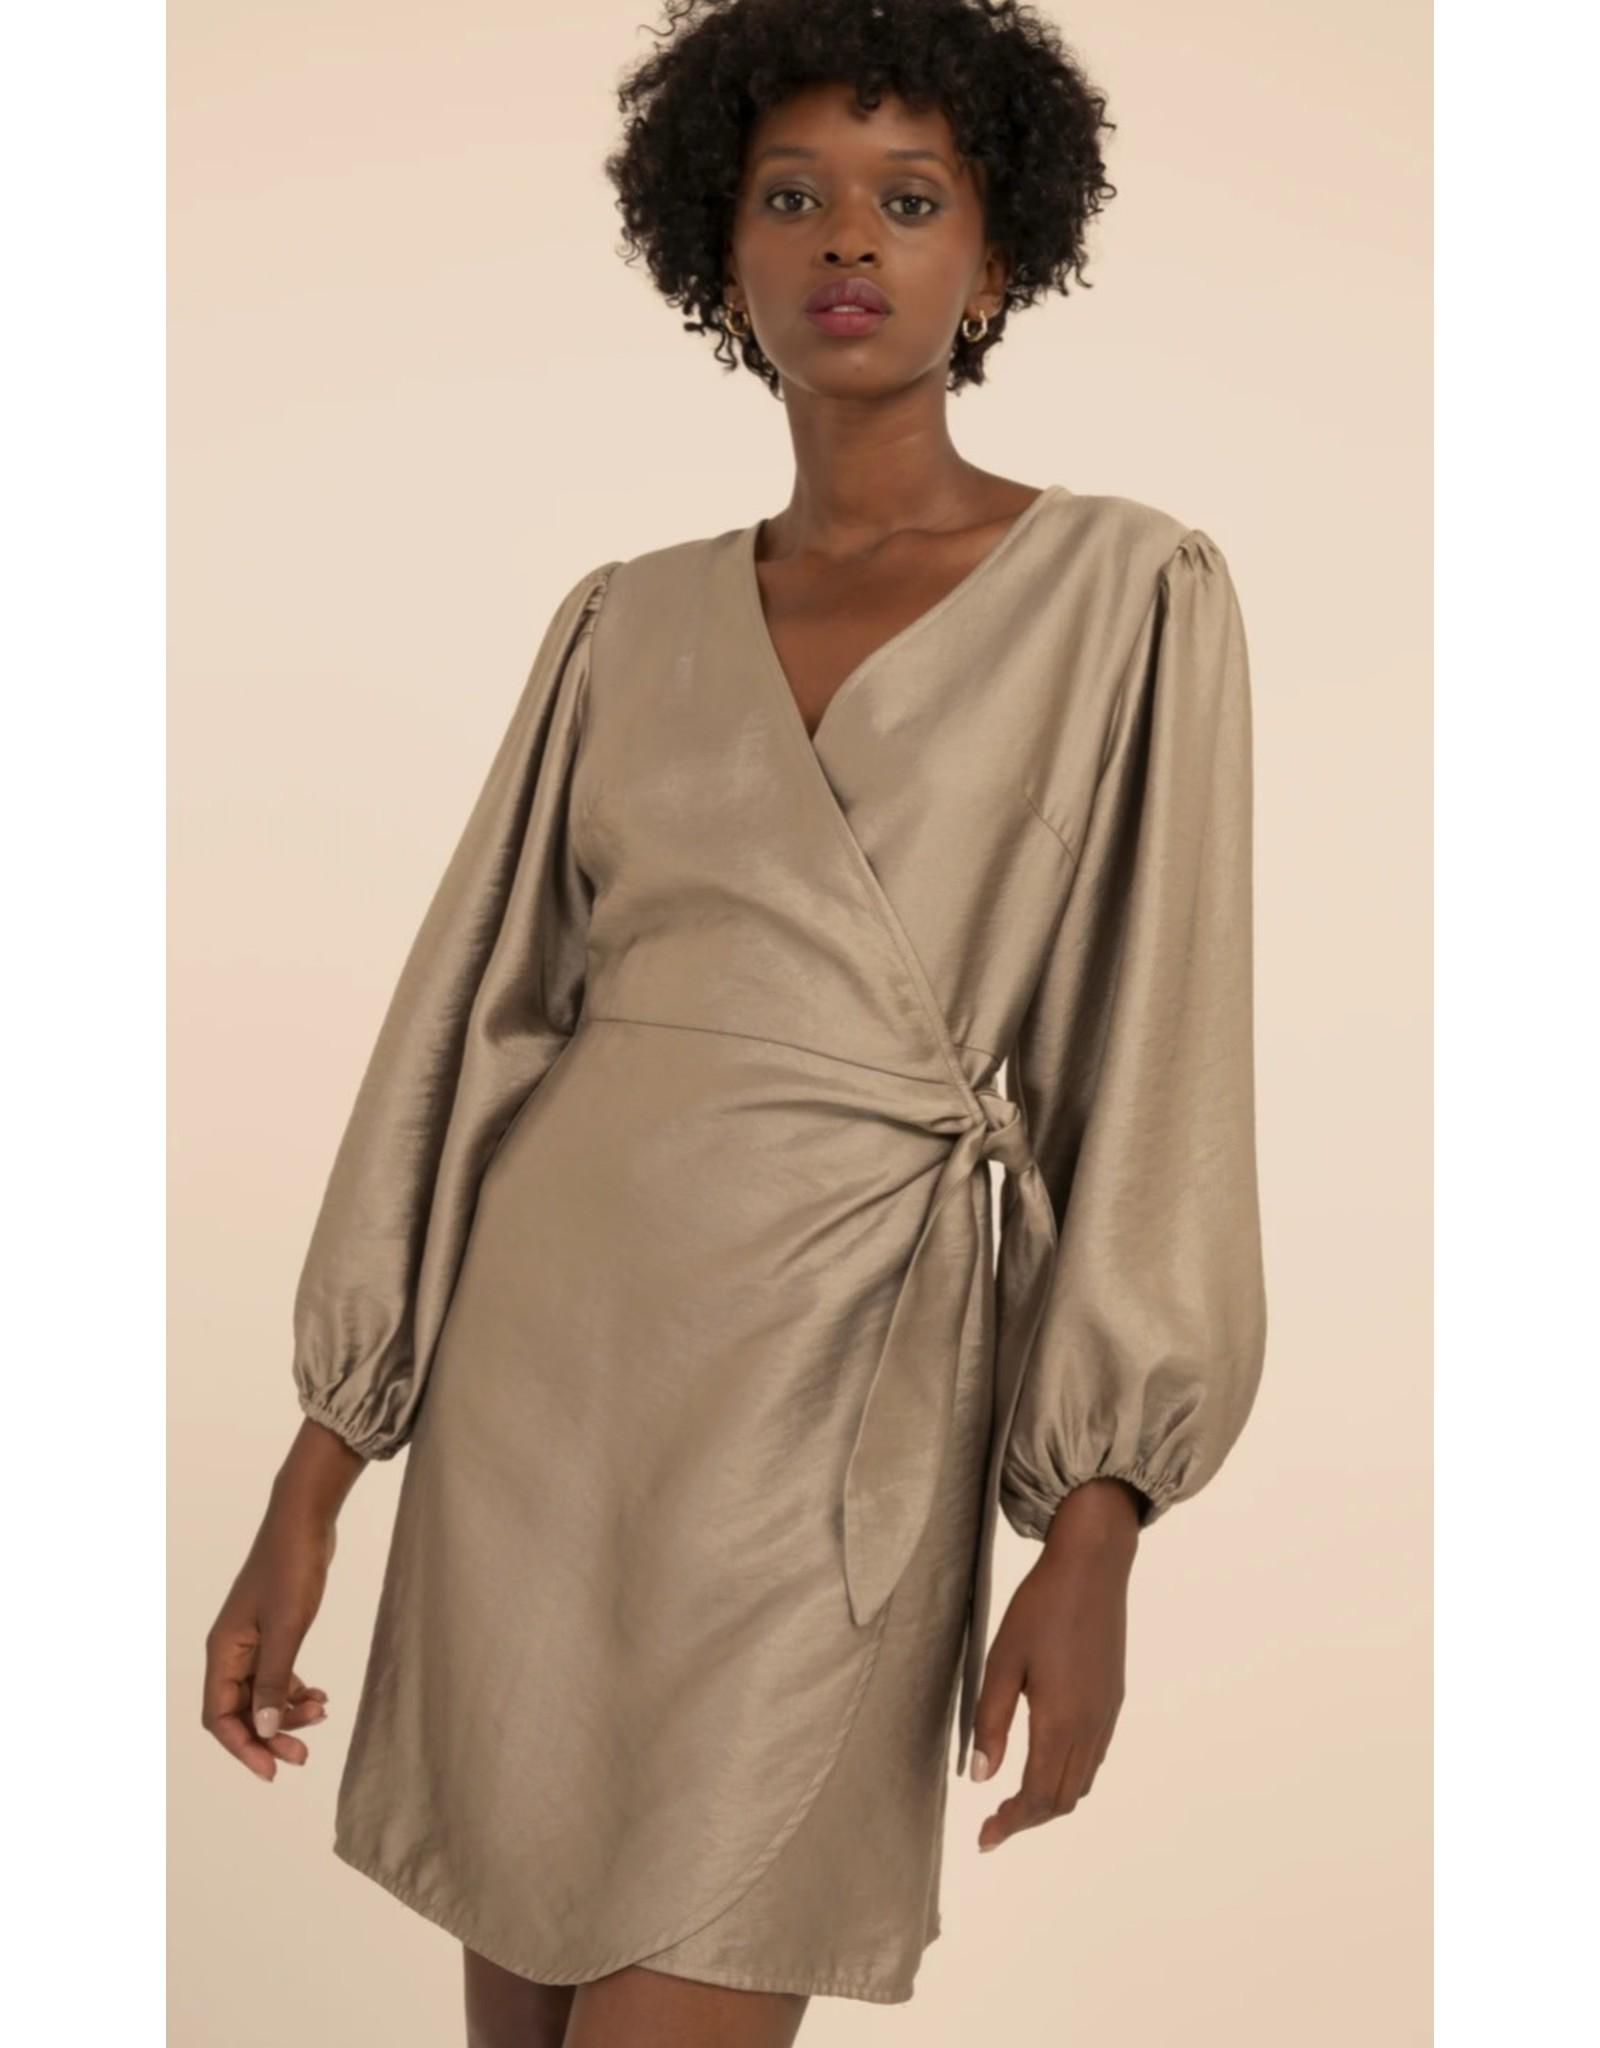 ACELA TIE FRONT DRESS